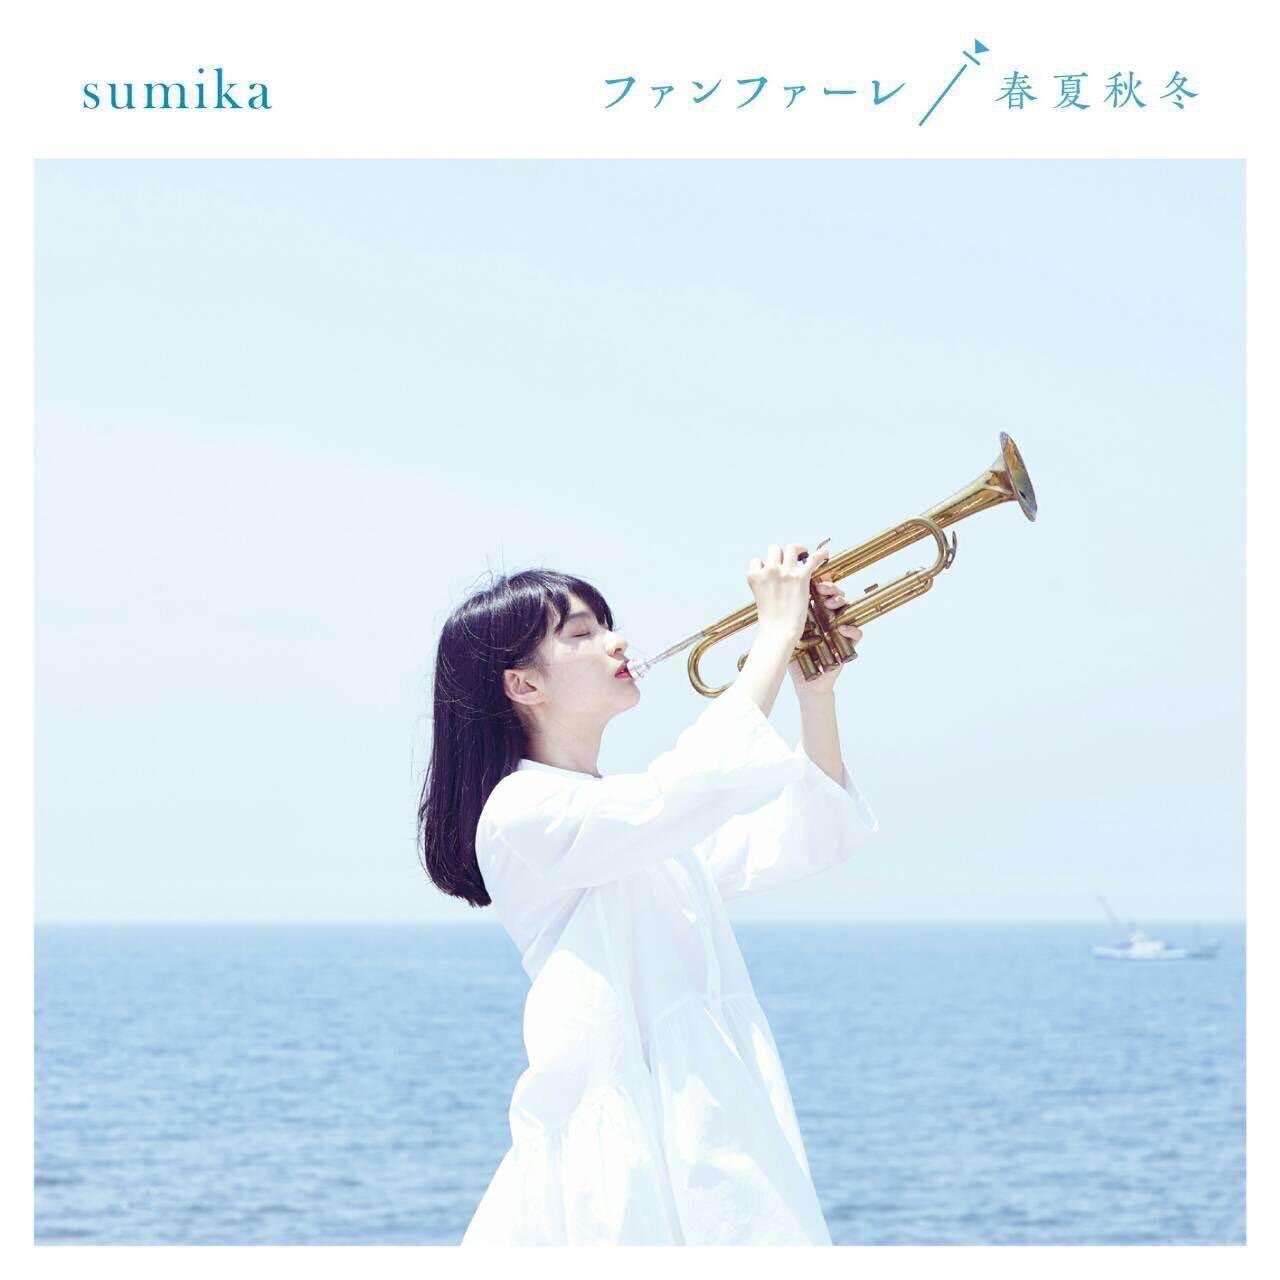 sumika 「ファンファーレ/春夏秋冬」ジャケット写真